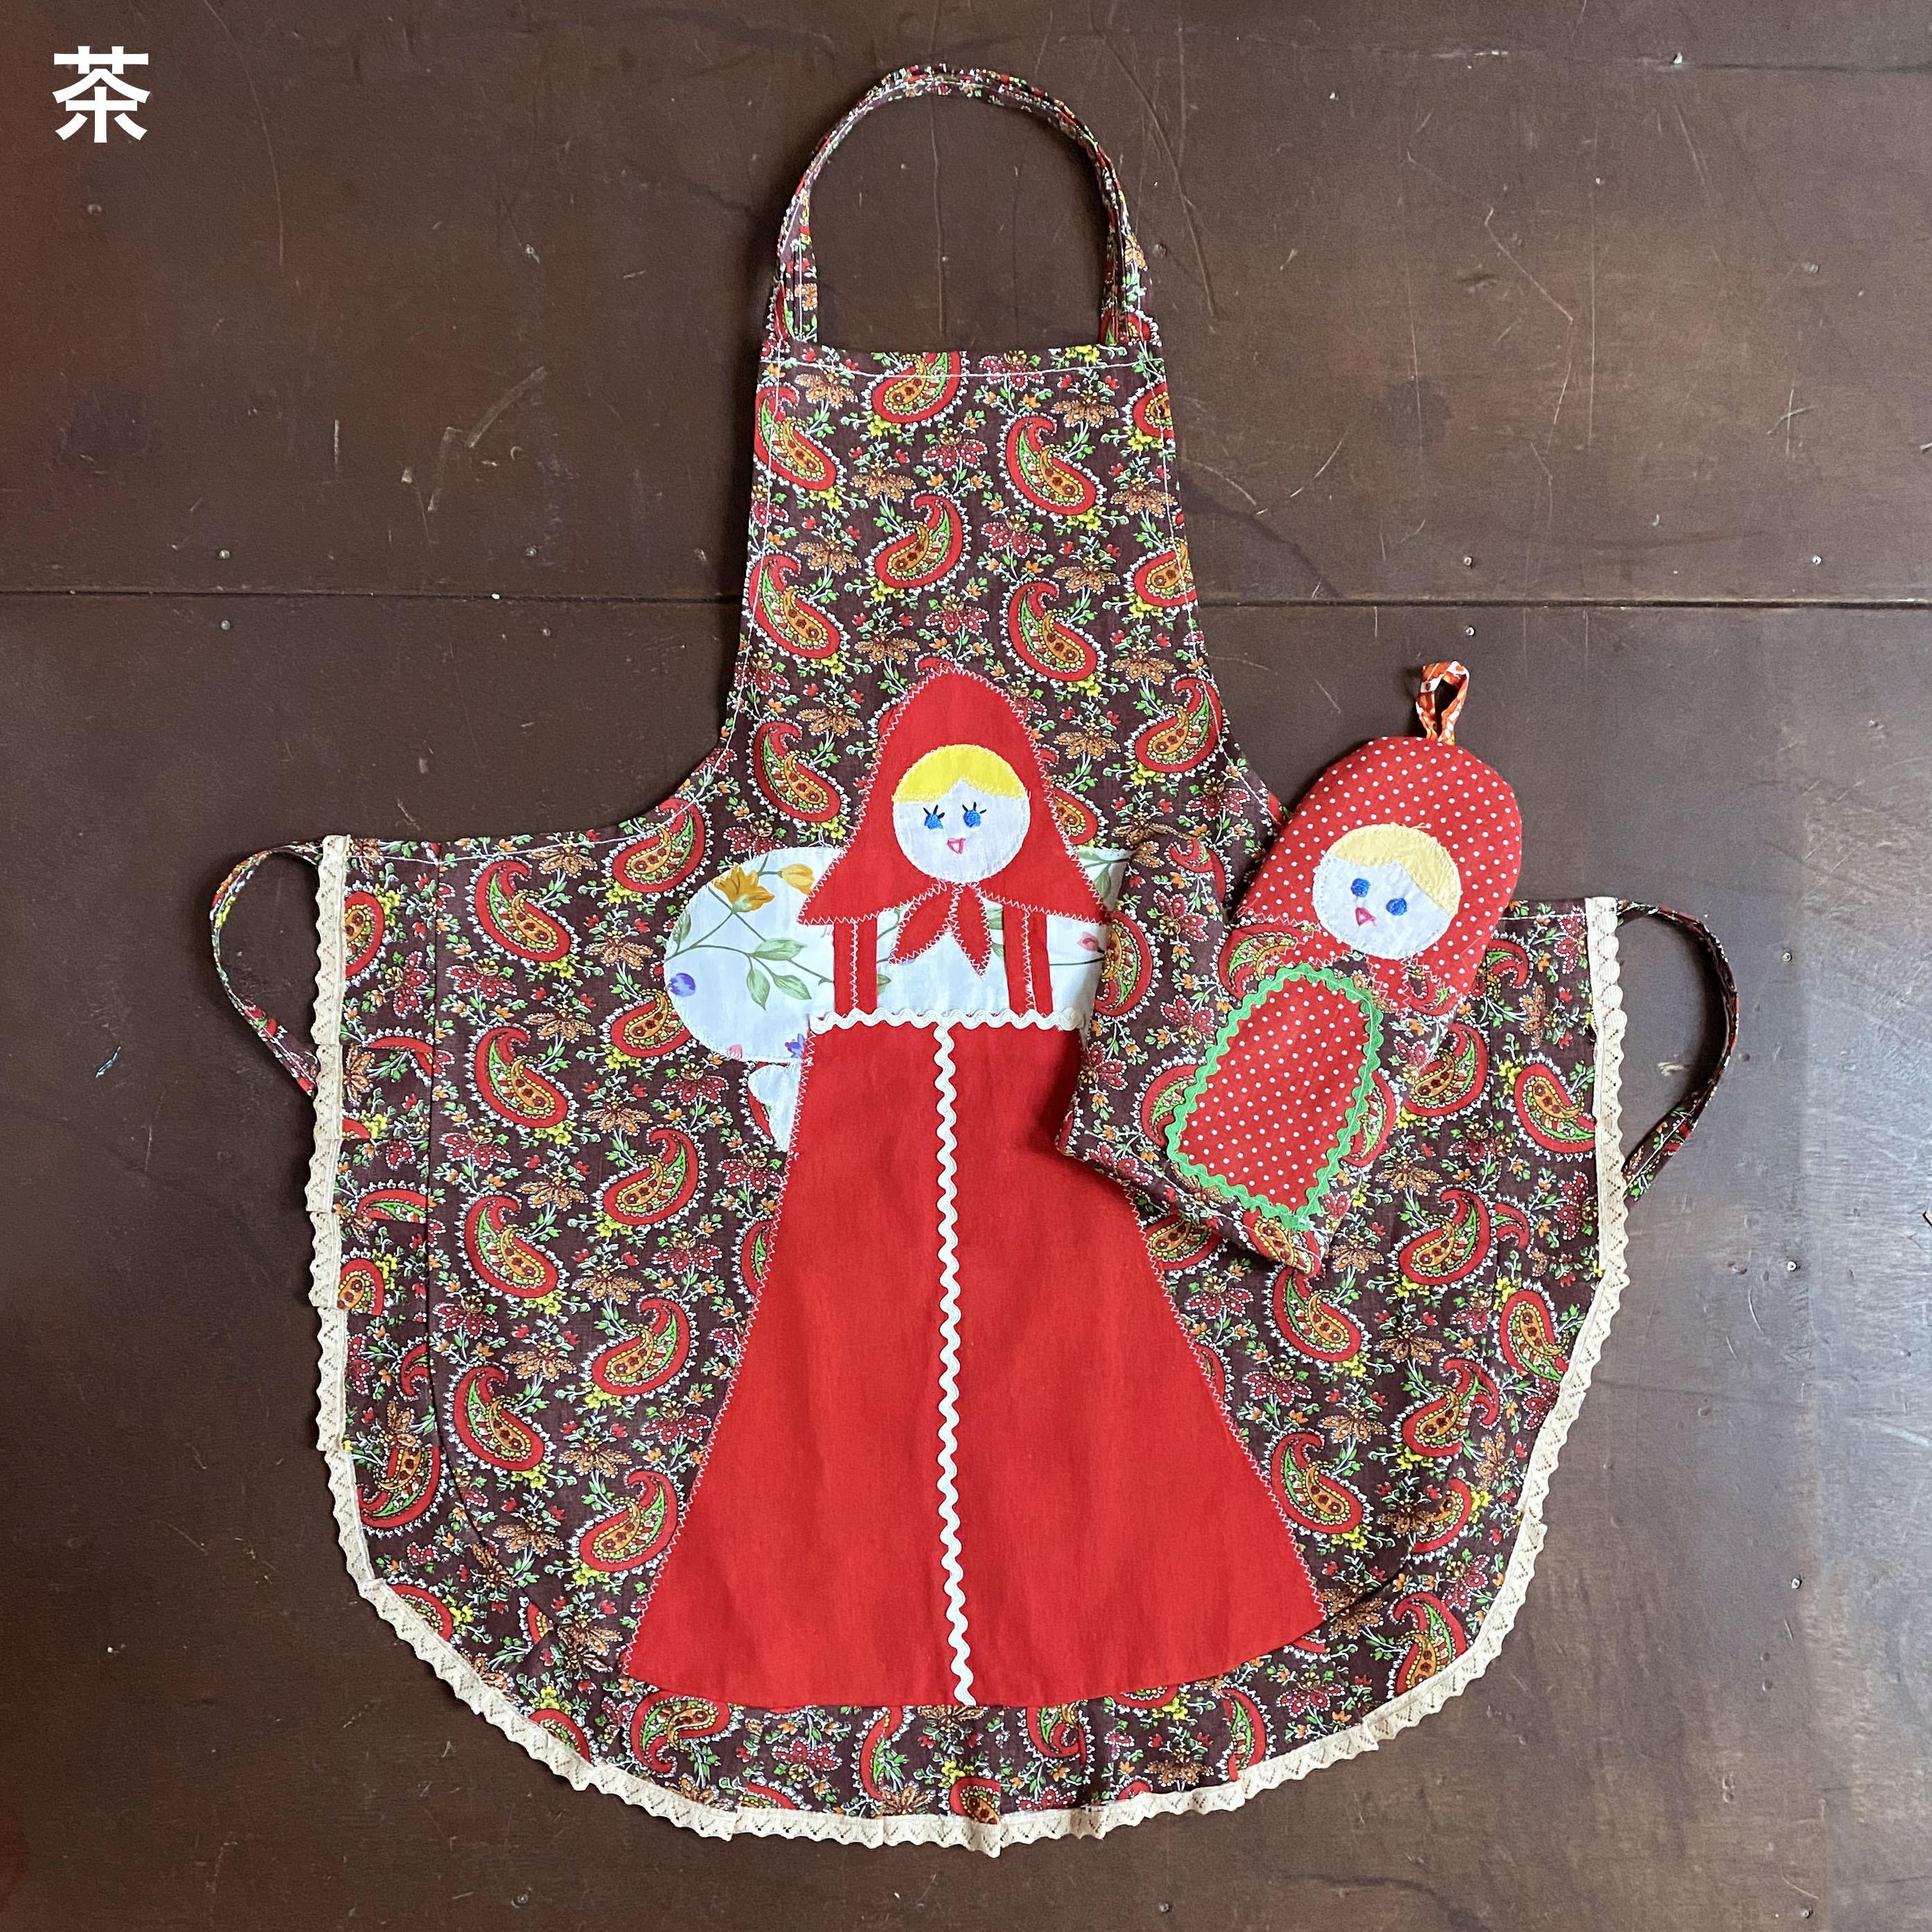 マリヤおばあちゃんのキッチンセット(4種類)